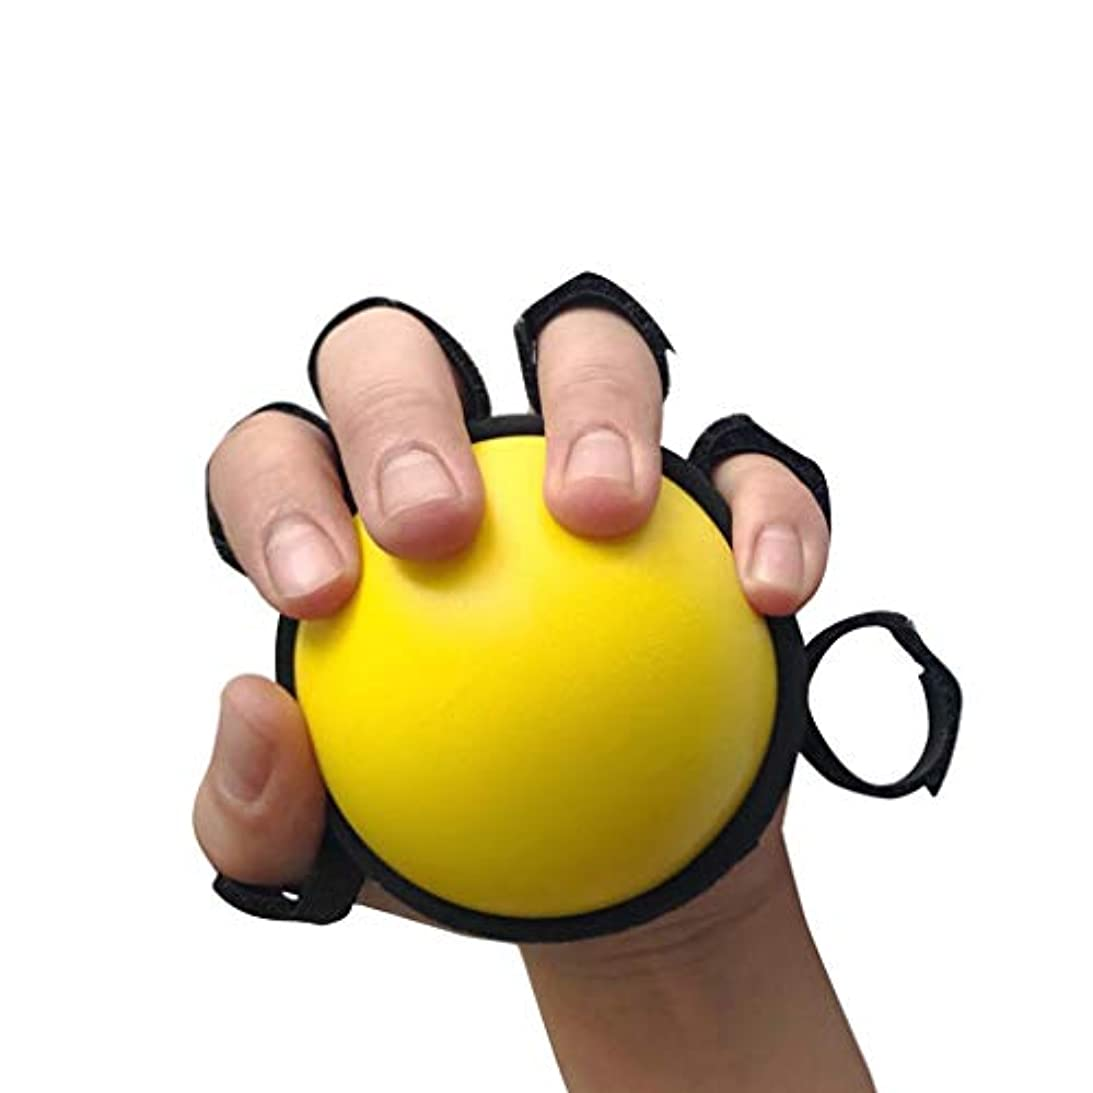 飛躍反発するアイザックストロークを軽減するために、5本指の分離グリップボールリハビリトレーニング、指が自分自身を分離することはできません手にハイ筋肉の緊張を持つ人々のために適した片麻痺、手指し機器は、緩和することができます